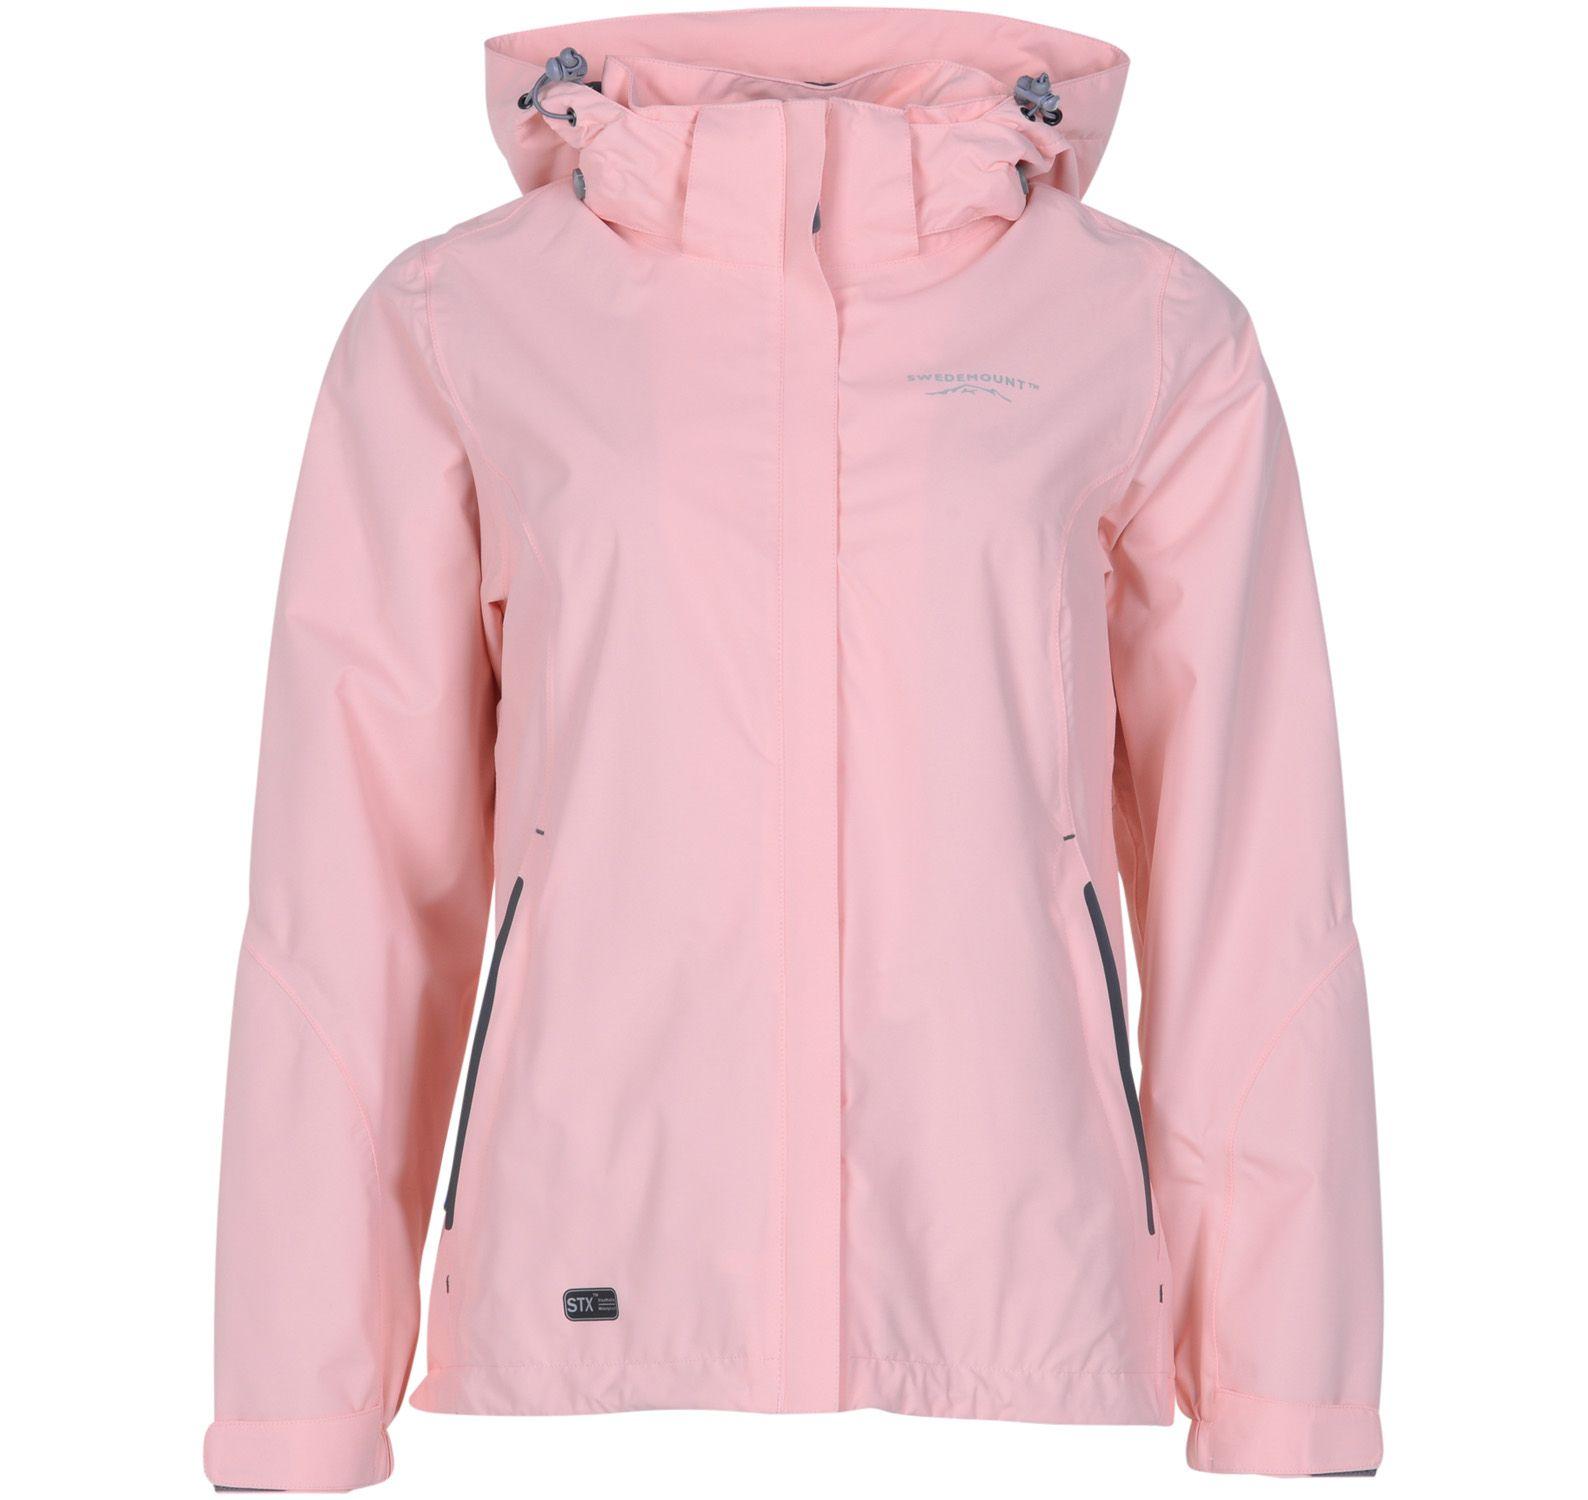 käringön jacket w, peach, 36, regnkläder